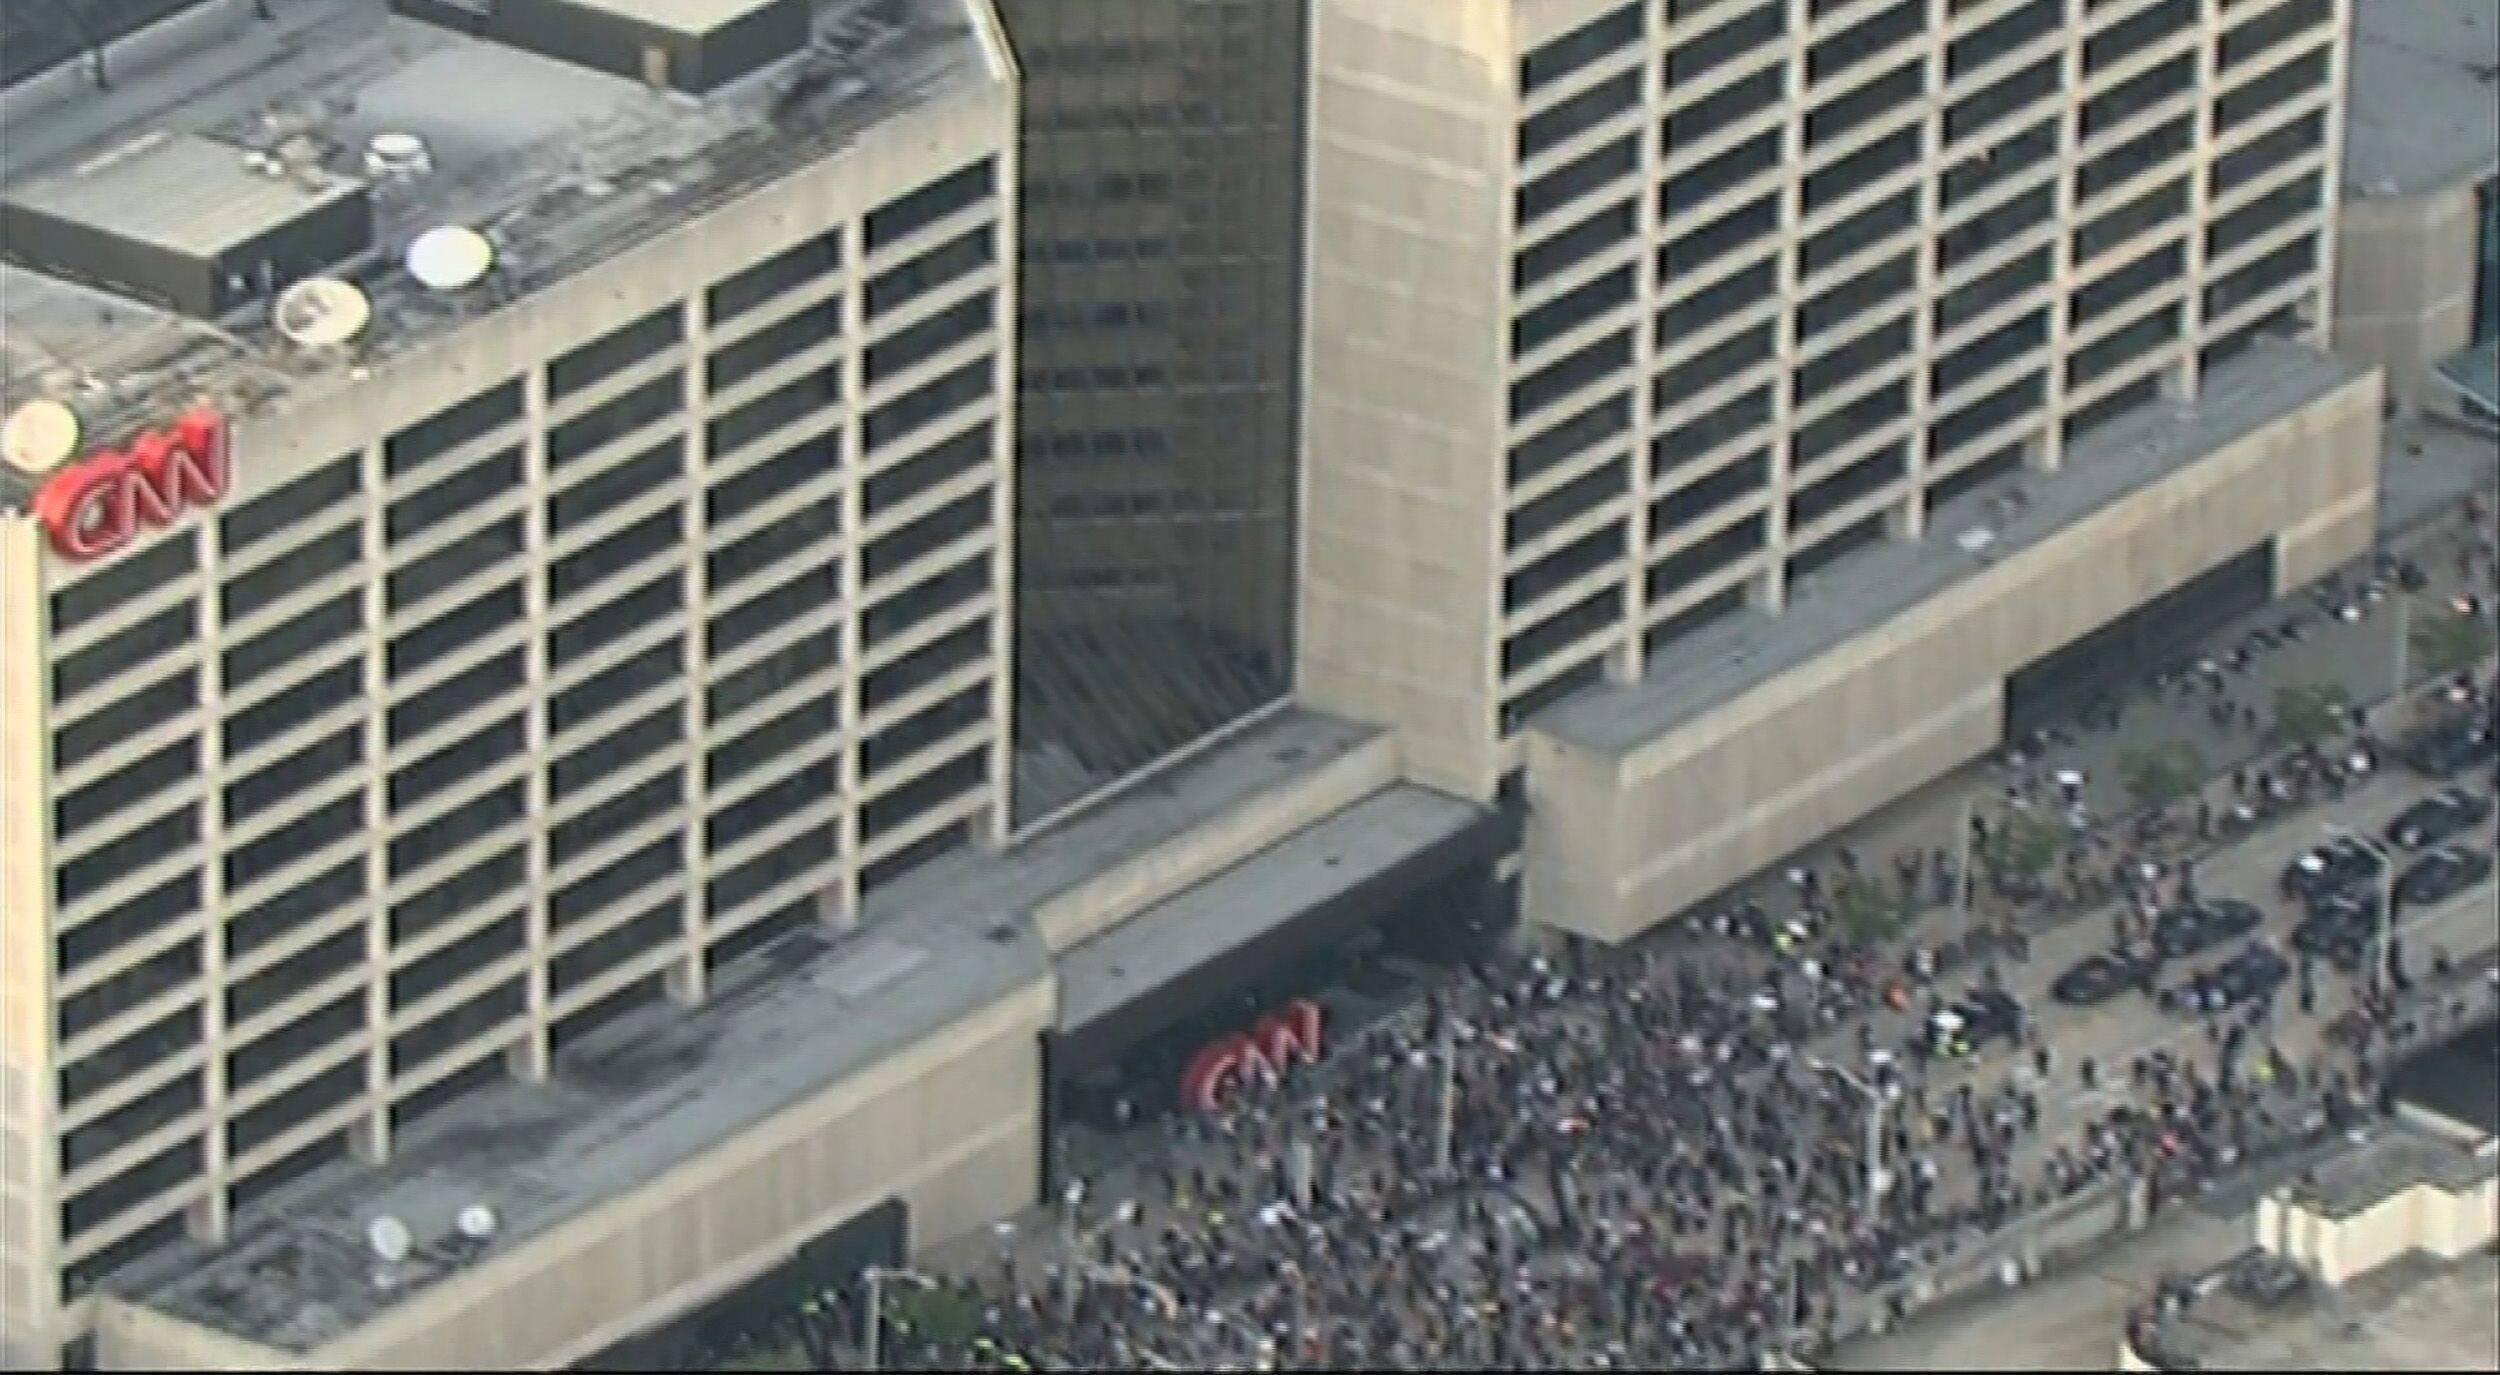 美国亚特兰大抗议示威活动发生枪击案 造成至少2死5伤